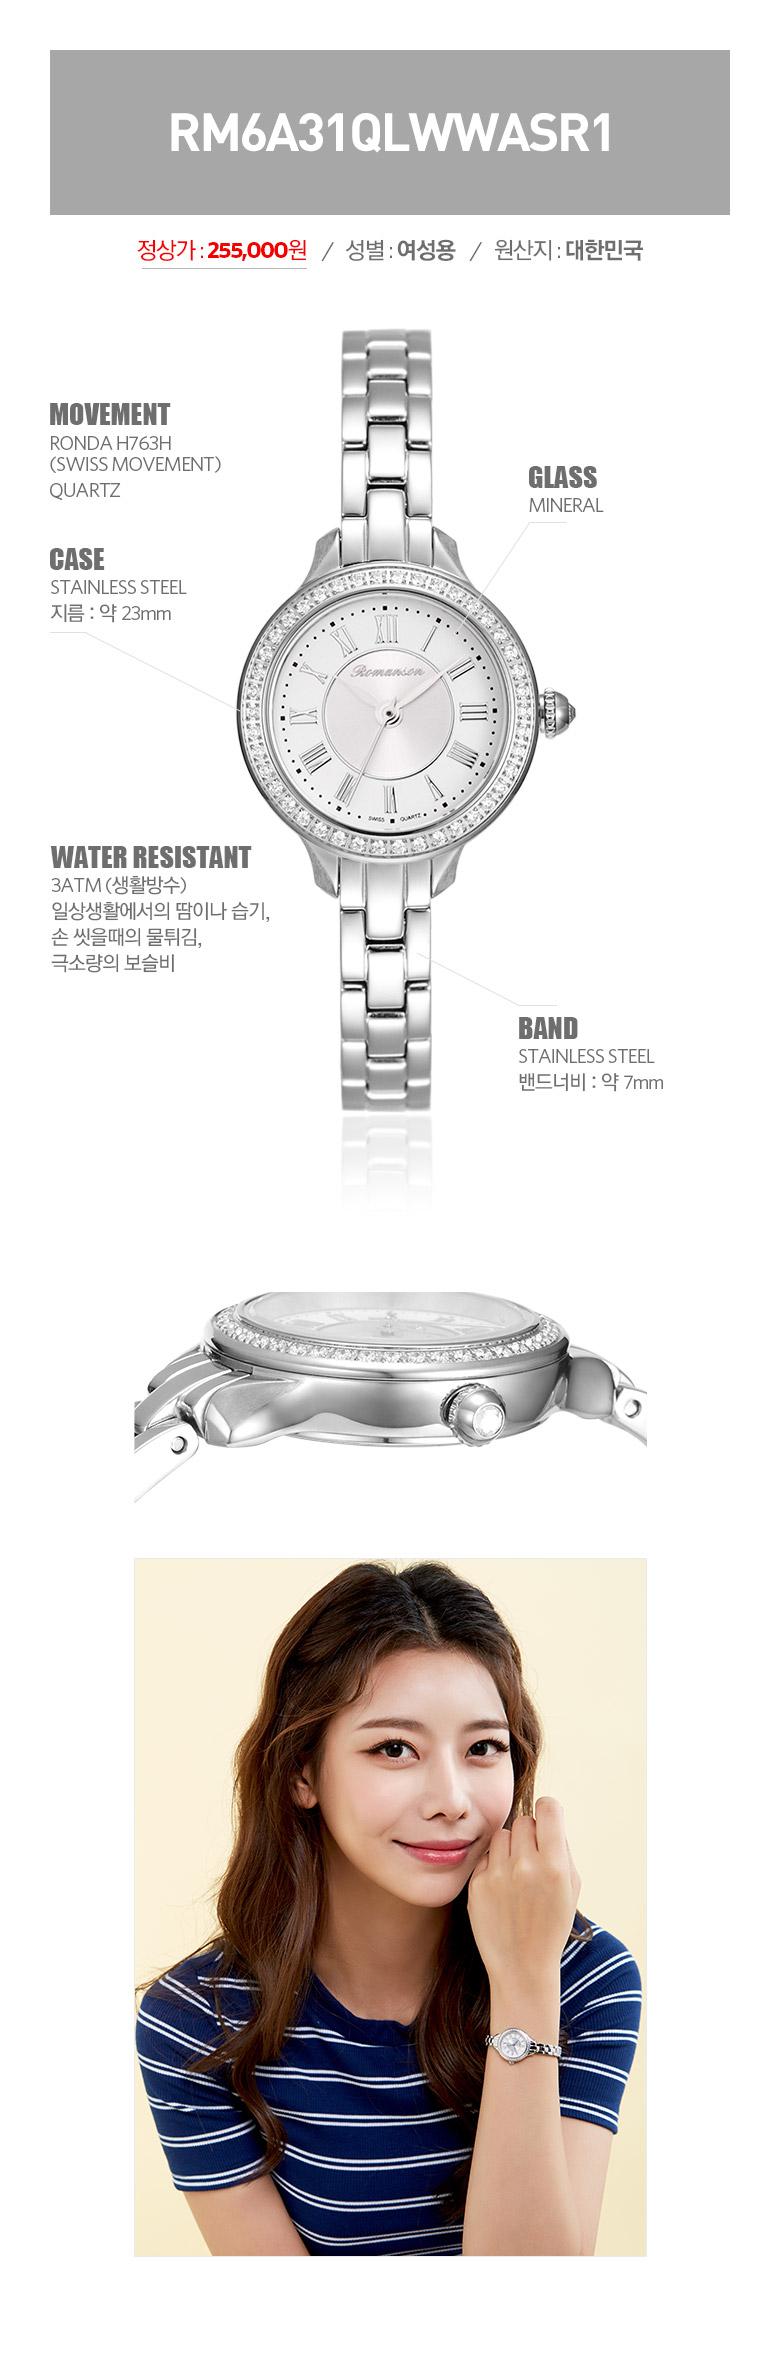 로만손(ROMANSON) 여성 메탈 시계 RM6A31QLWWASR1